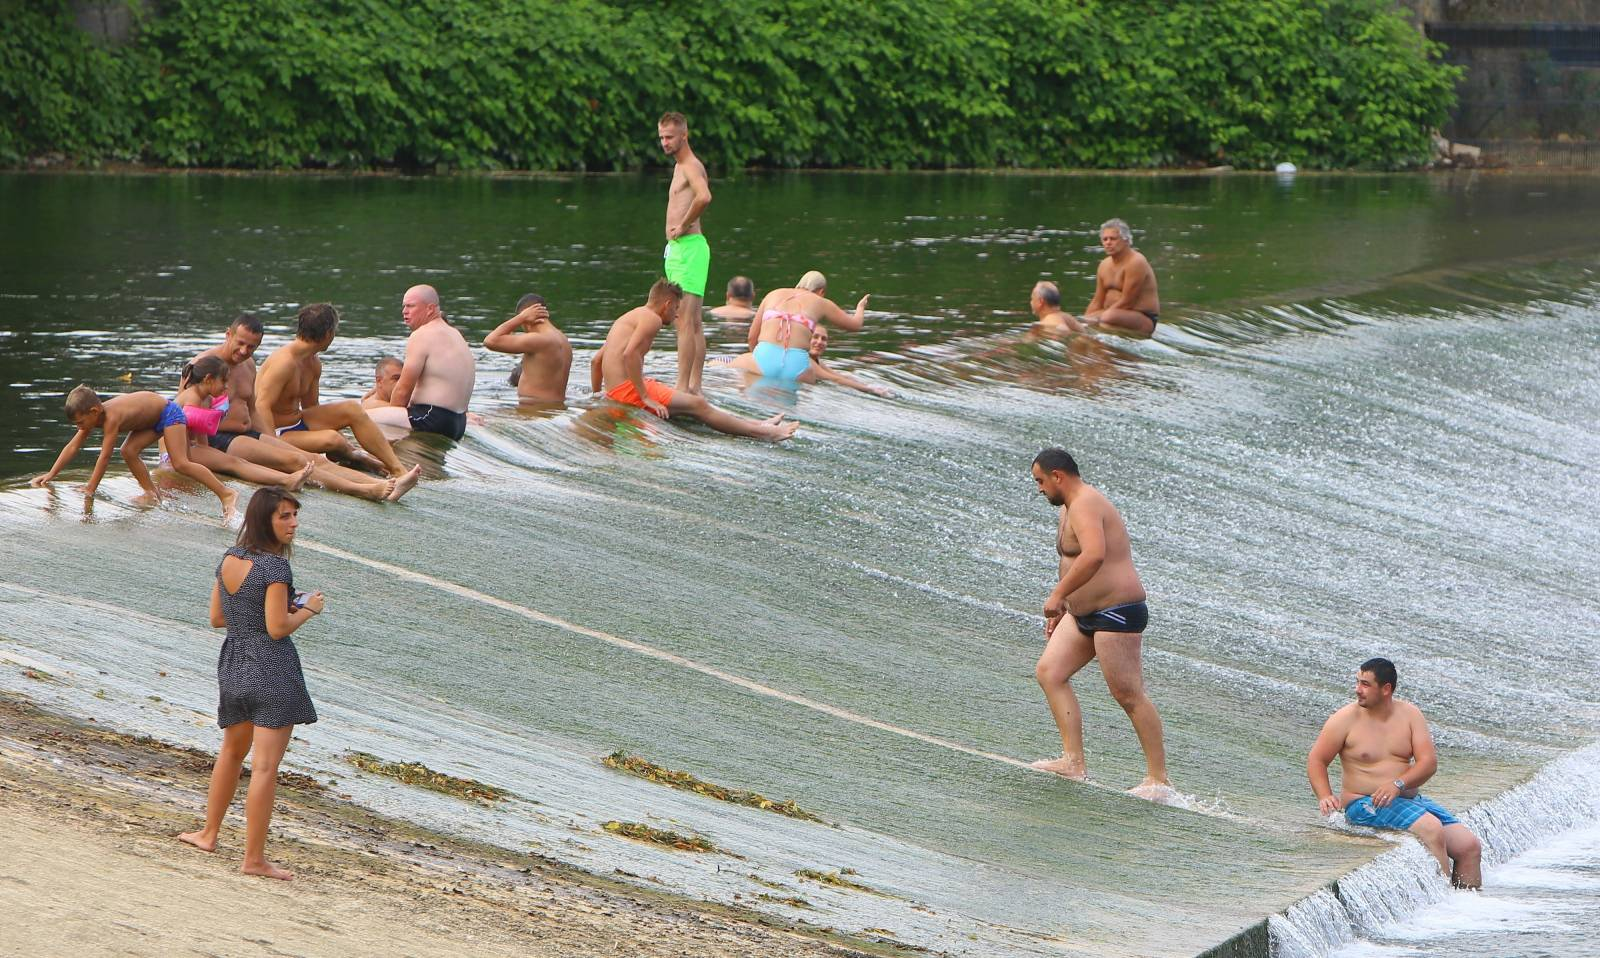 Karlovčani iskoristili sunčan dan za kupanje na slapu rijeke Korane